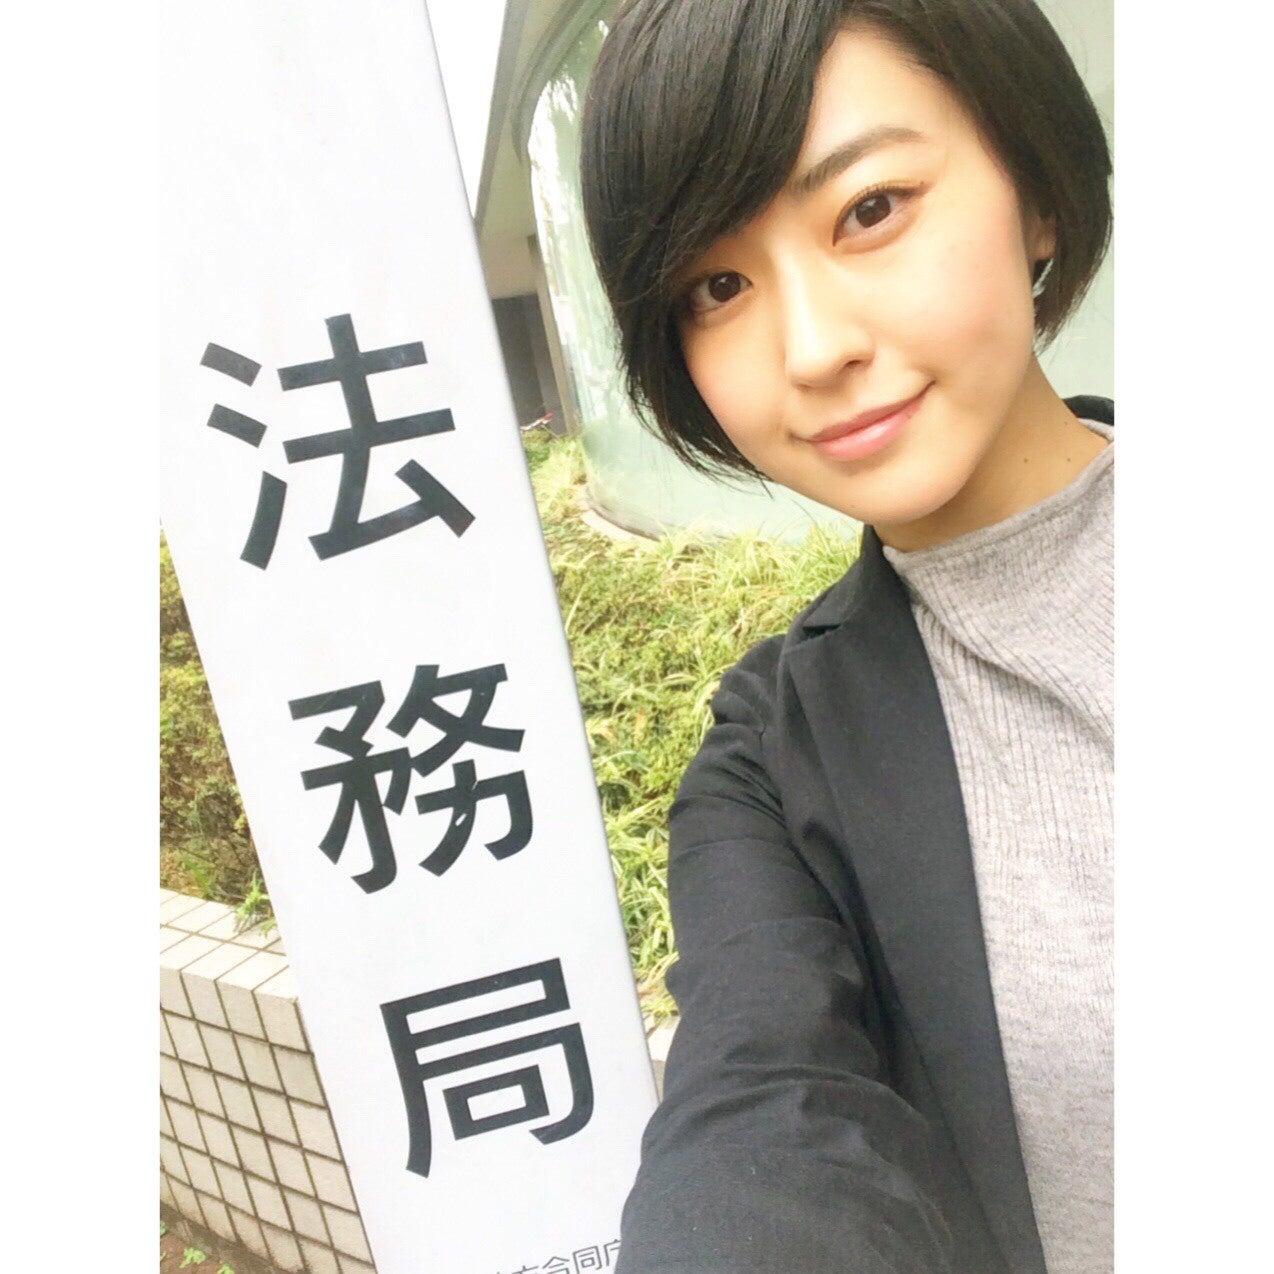 ご報告 | 黒田有彩 official blog Powered by Ameba